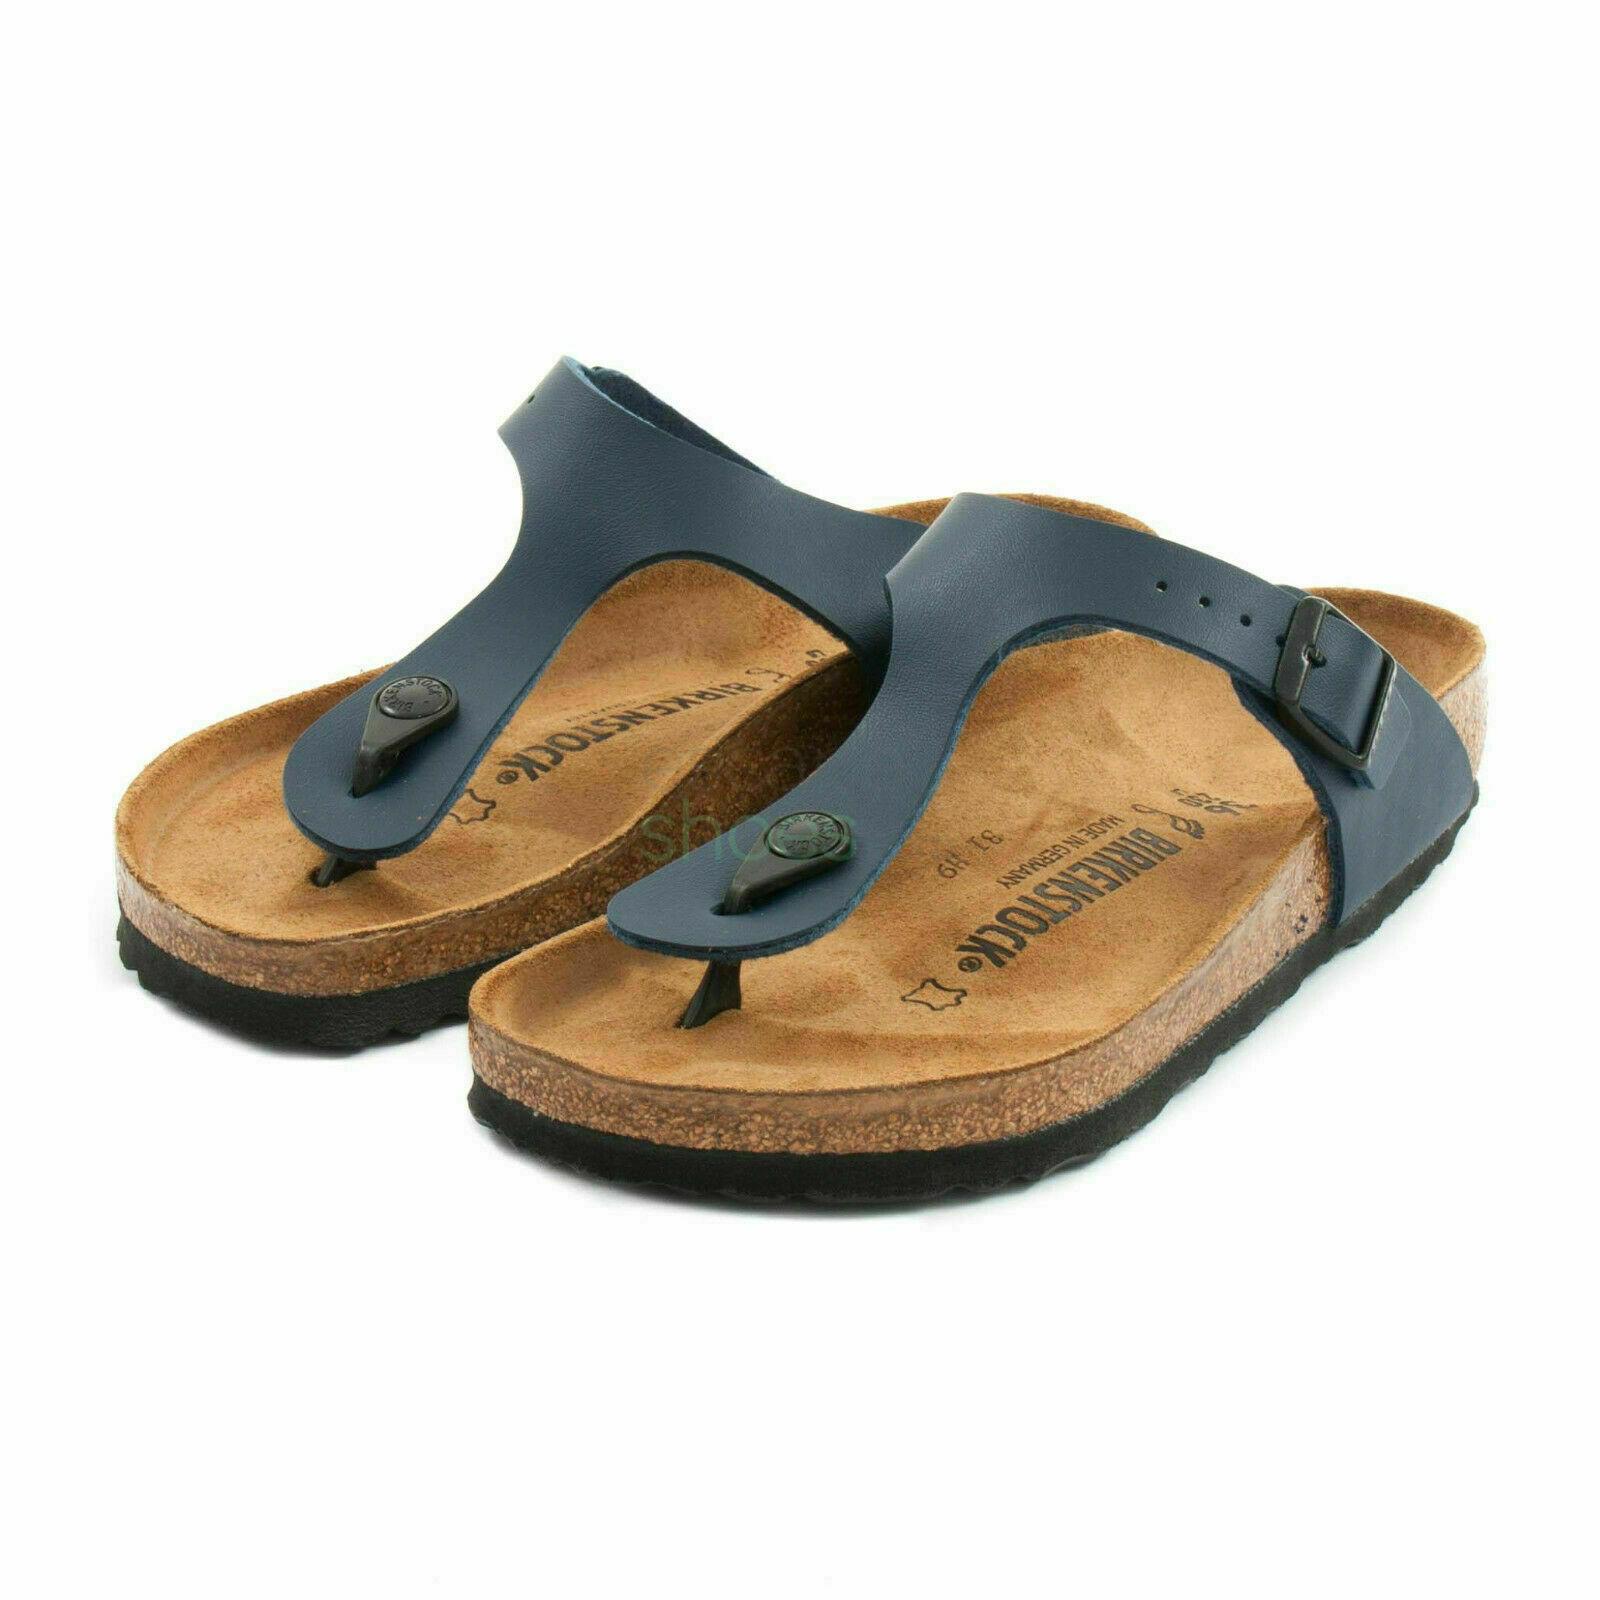 Birkenstock Gizeh Birko Flor Regular Fit Womens Thong Sandals Blue Size 2.5 8UK